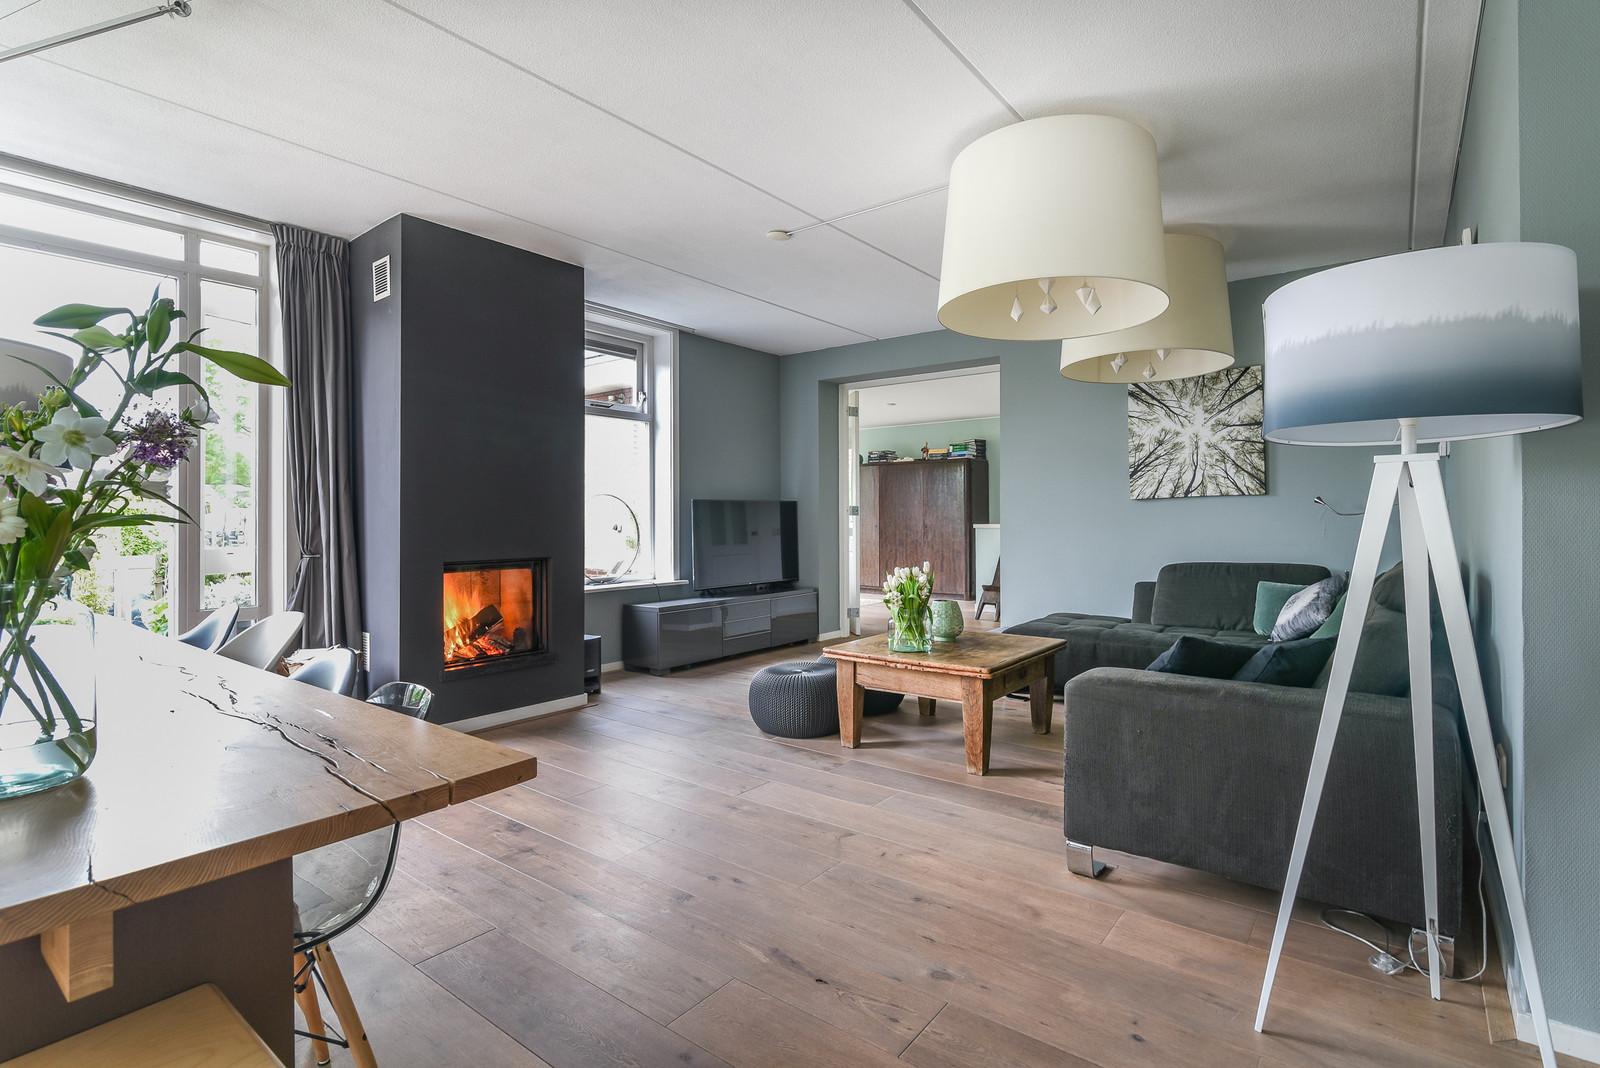 Fotografie van sfeervolle woonkamer met open haard   Home Creations ...